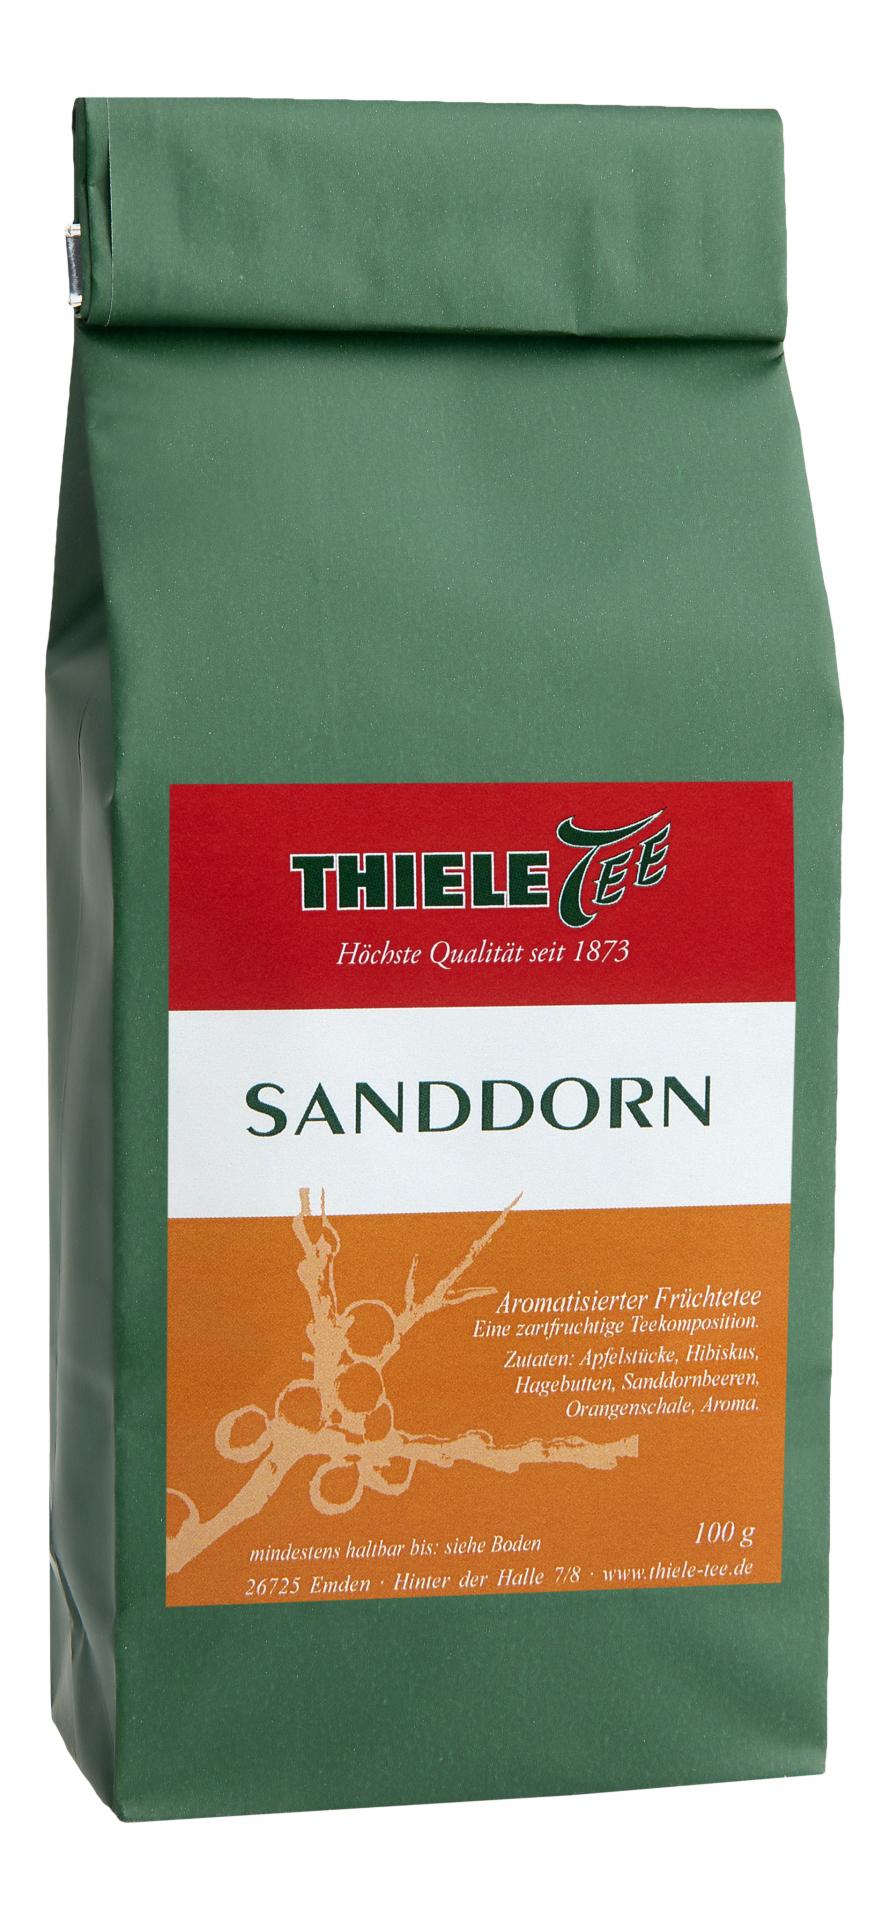 Sanddorn Früchtetee 100g